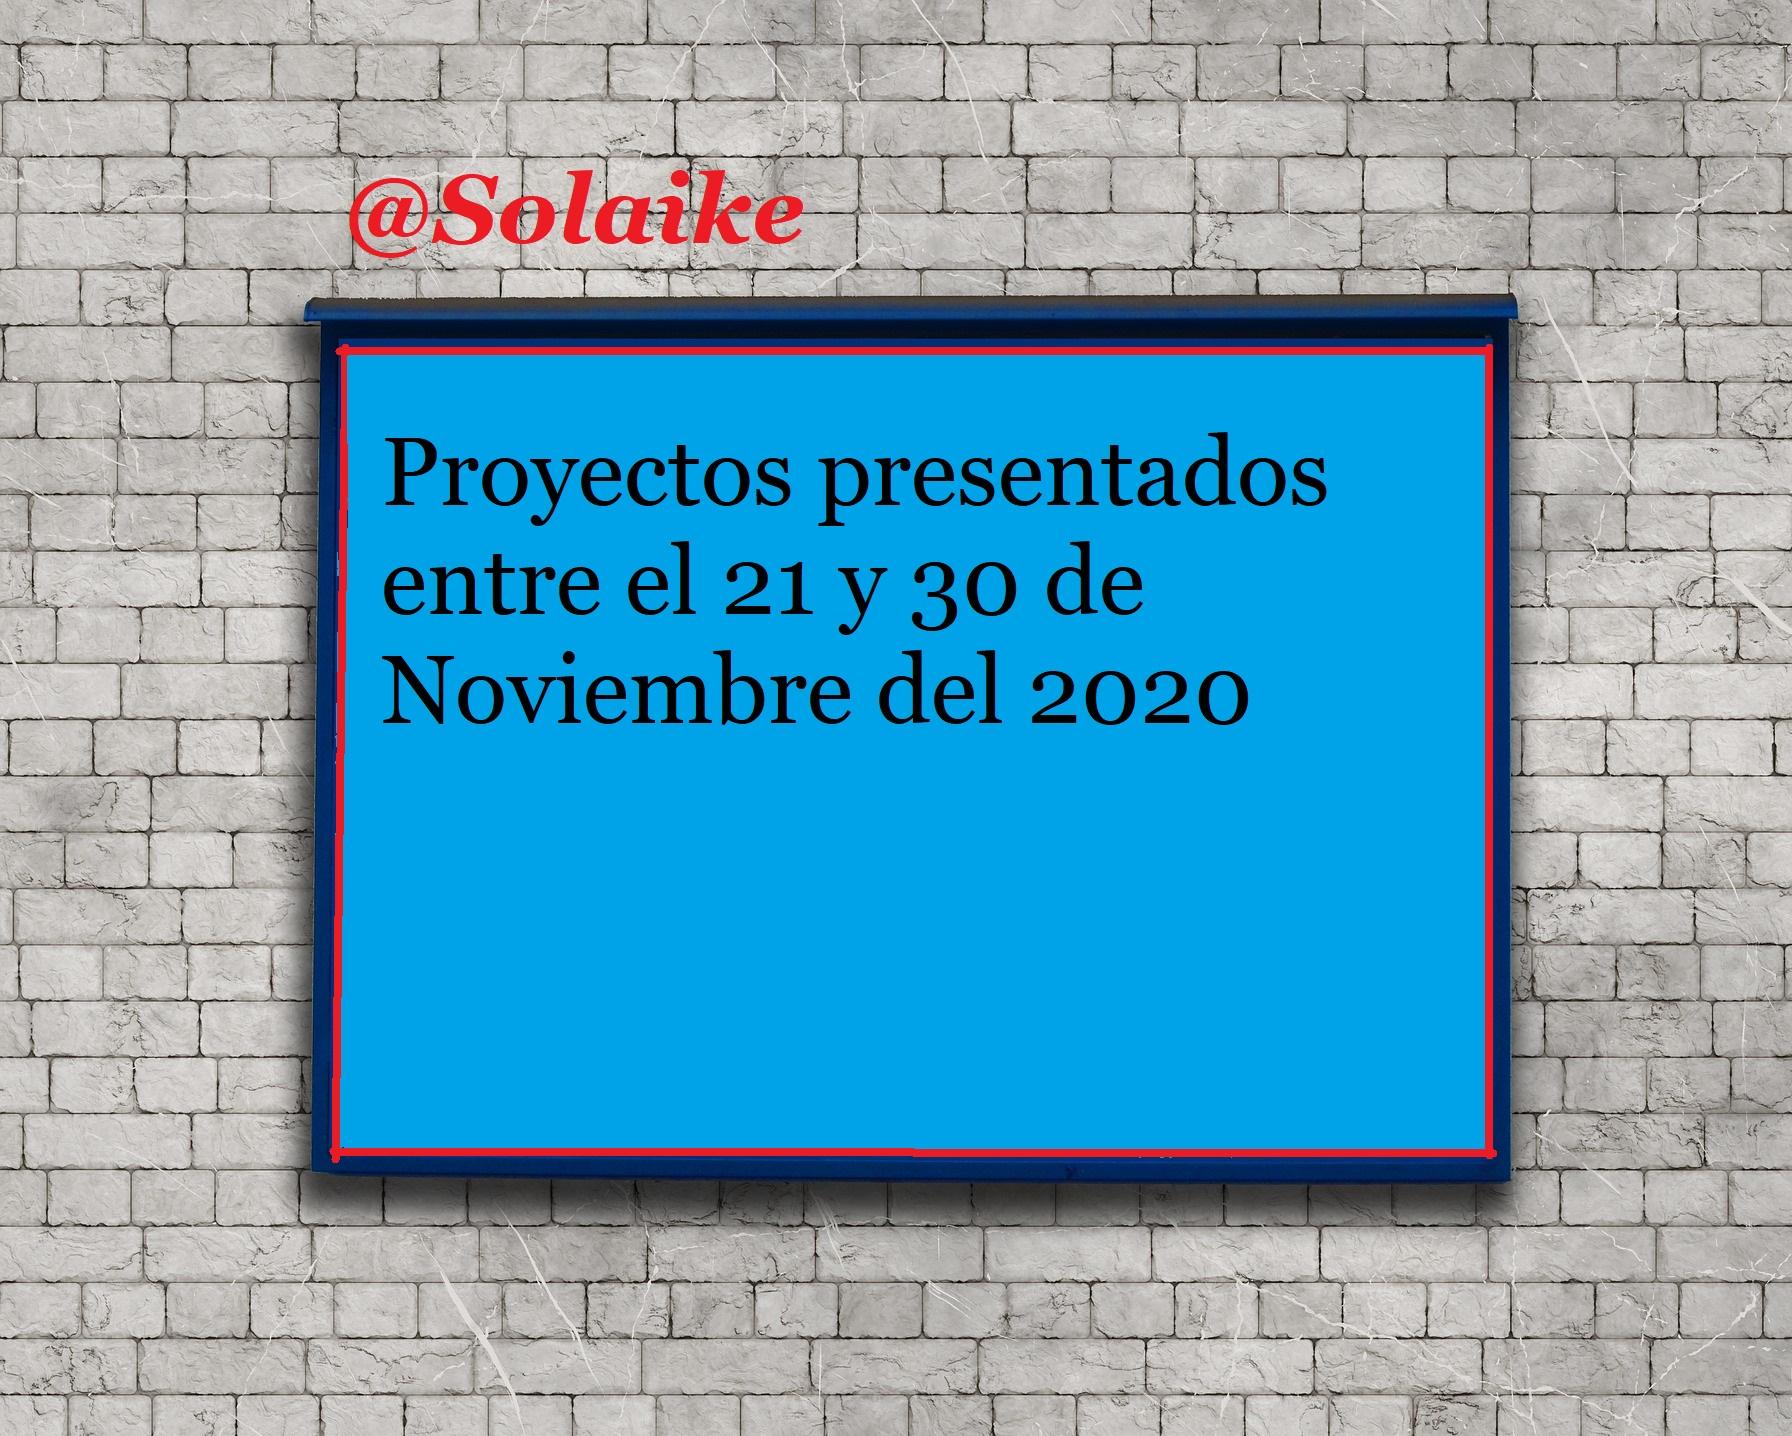 Proyectos ingresados a la Cámara de Diputados del 21 al 30 de Noviembre del 2020